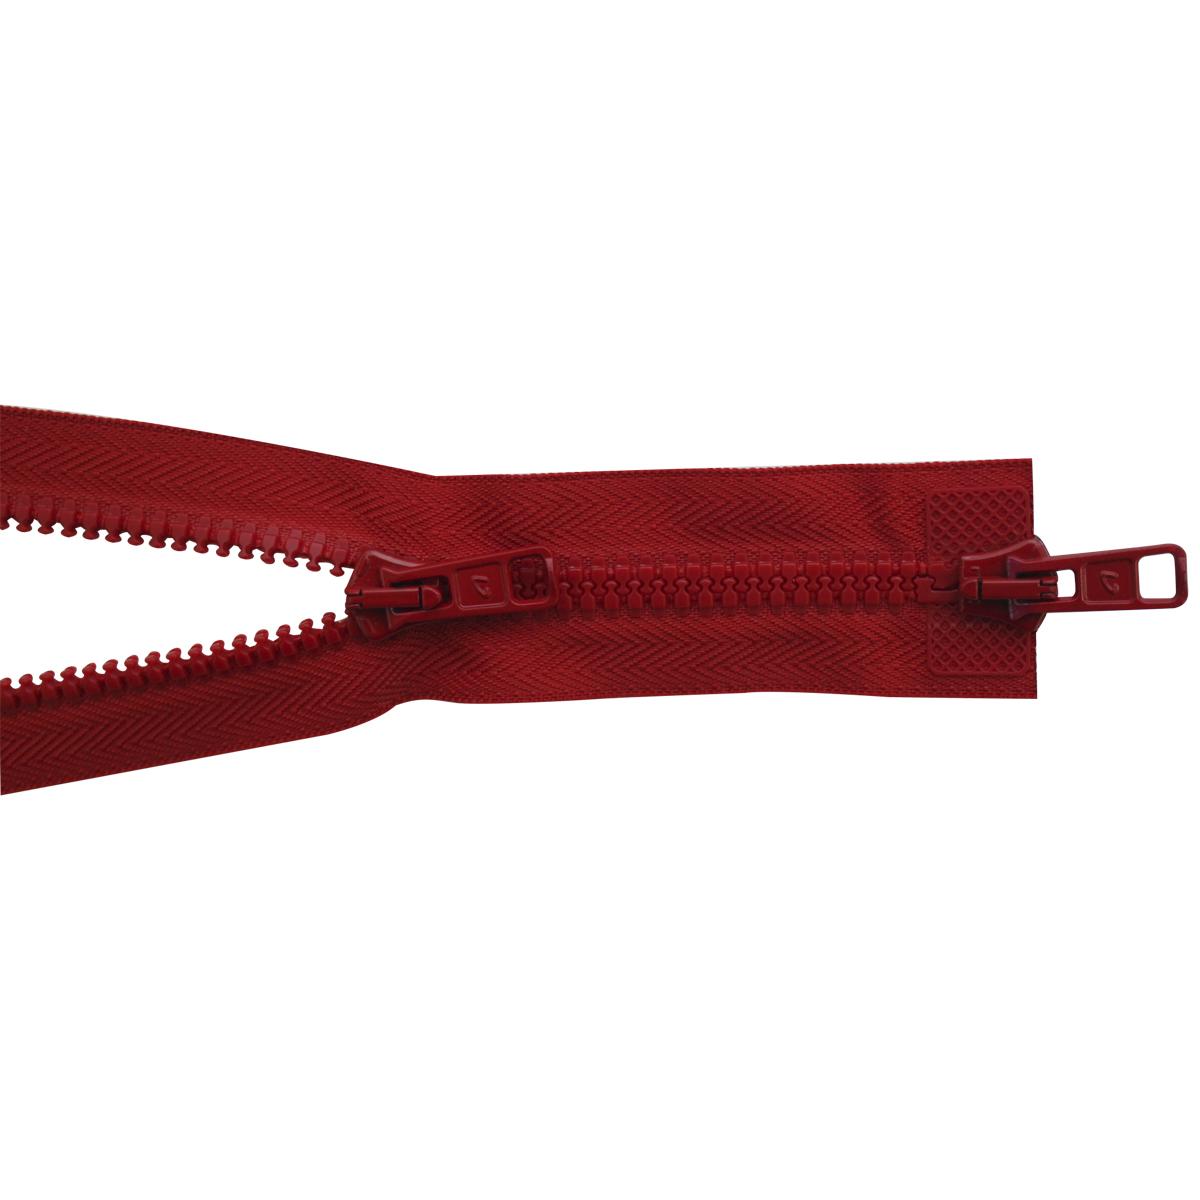 Застежка-молния трактор Arta-F, разъемная (2 замка,Т6) , цвет: красный (008), 75 см19575-008Продукция ARTA-F сертифицирована на Российский, Британский и Латвийский стандарт. Фурнитура ARTA-F изготавливается из европейских материалов, на современном оборудовании, в соответствии с высокими требованиями стандартов. Вся продукция фабрики проходит тесты на качество.Звено застежки-молнии Экстра имеет боковые приливы, которые исключают контакт замка с текстильной лентой, а сокращенный до минимума зазор между замком и приливами звена предохраняет от возможности попадания в замок подкладки, меха, нитей. В то же время эти меры повышают прочность застежки при высоких нагрузках, особенно на изгиб. Применение таких приливов на молниях ARTA-F не только повышает эксплуатационные качества застежки, но и увеличивает прочность крепления звена к ленте, и продлевает срок службы застежек-молний ARTA-F. Такая застежка-молния безопасна, легка в использовании и не повредит одежду.